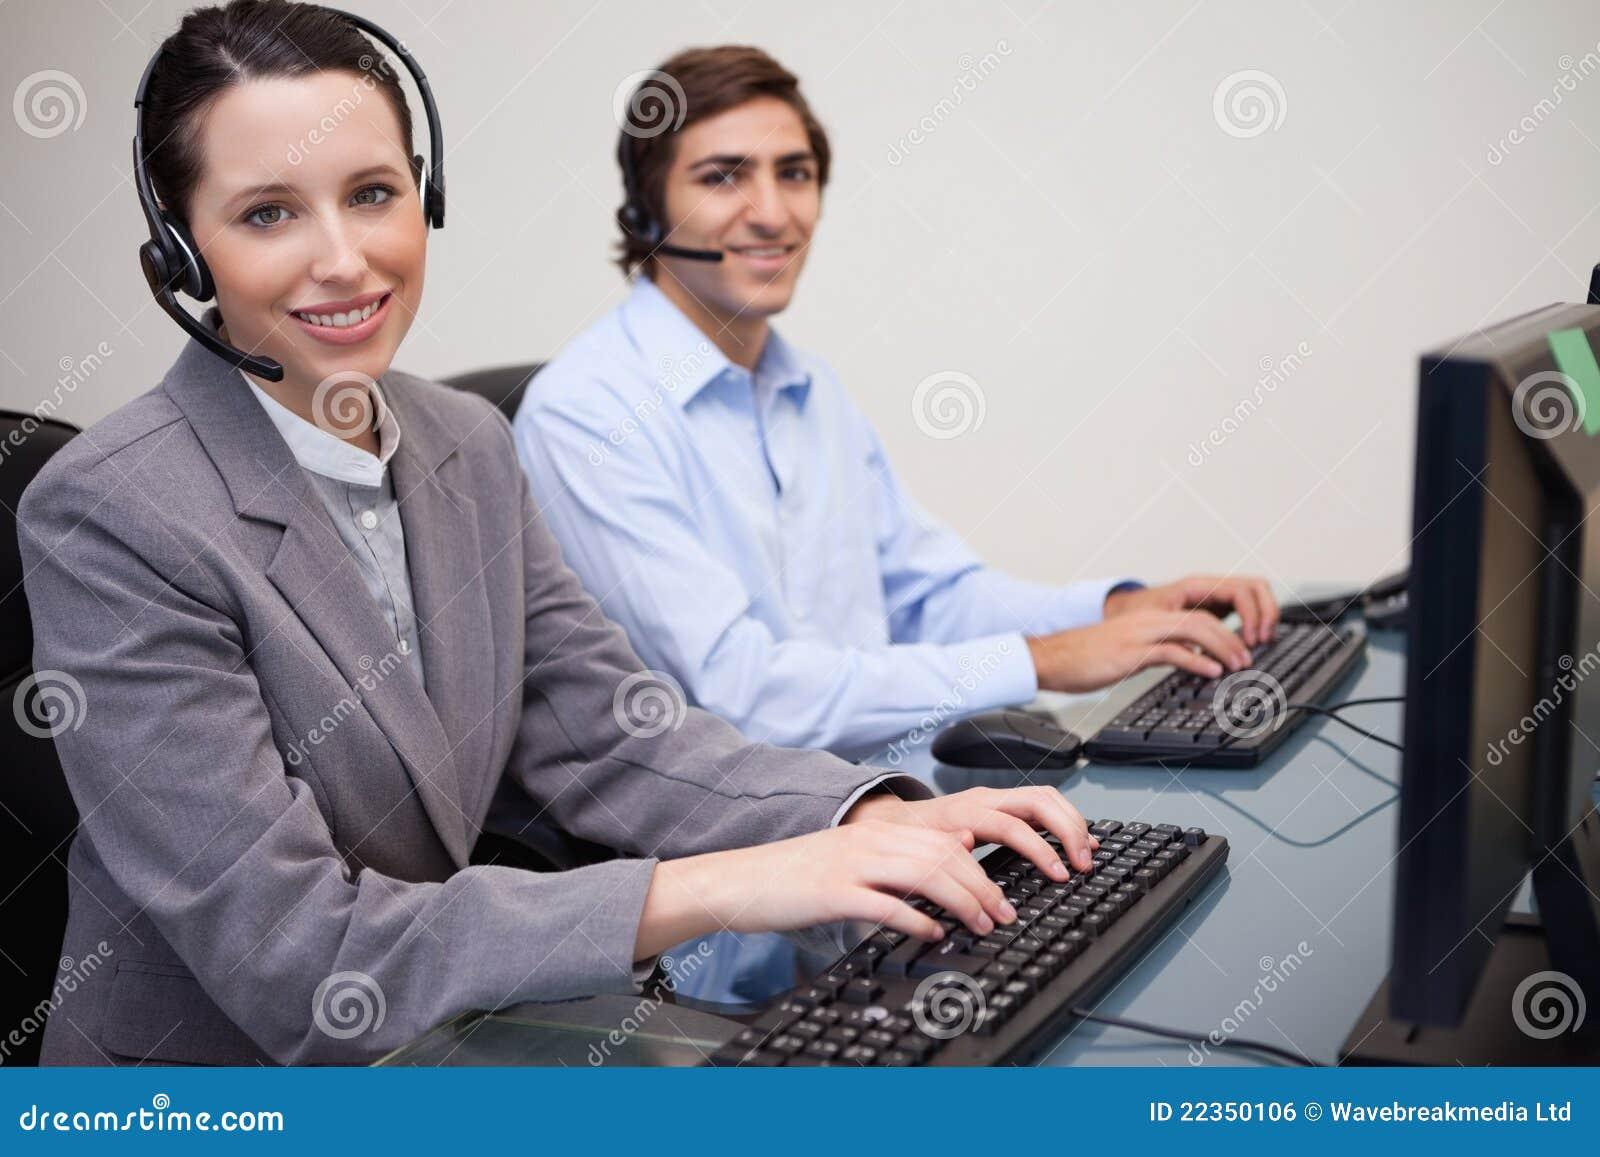 微笑的呼叫中心座席侧视图在工作